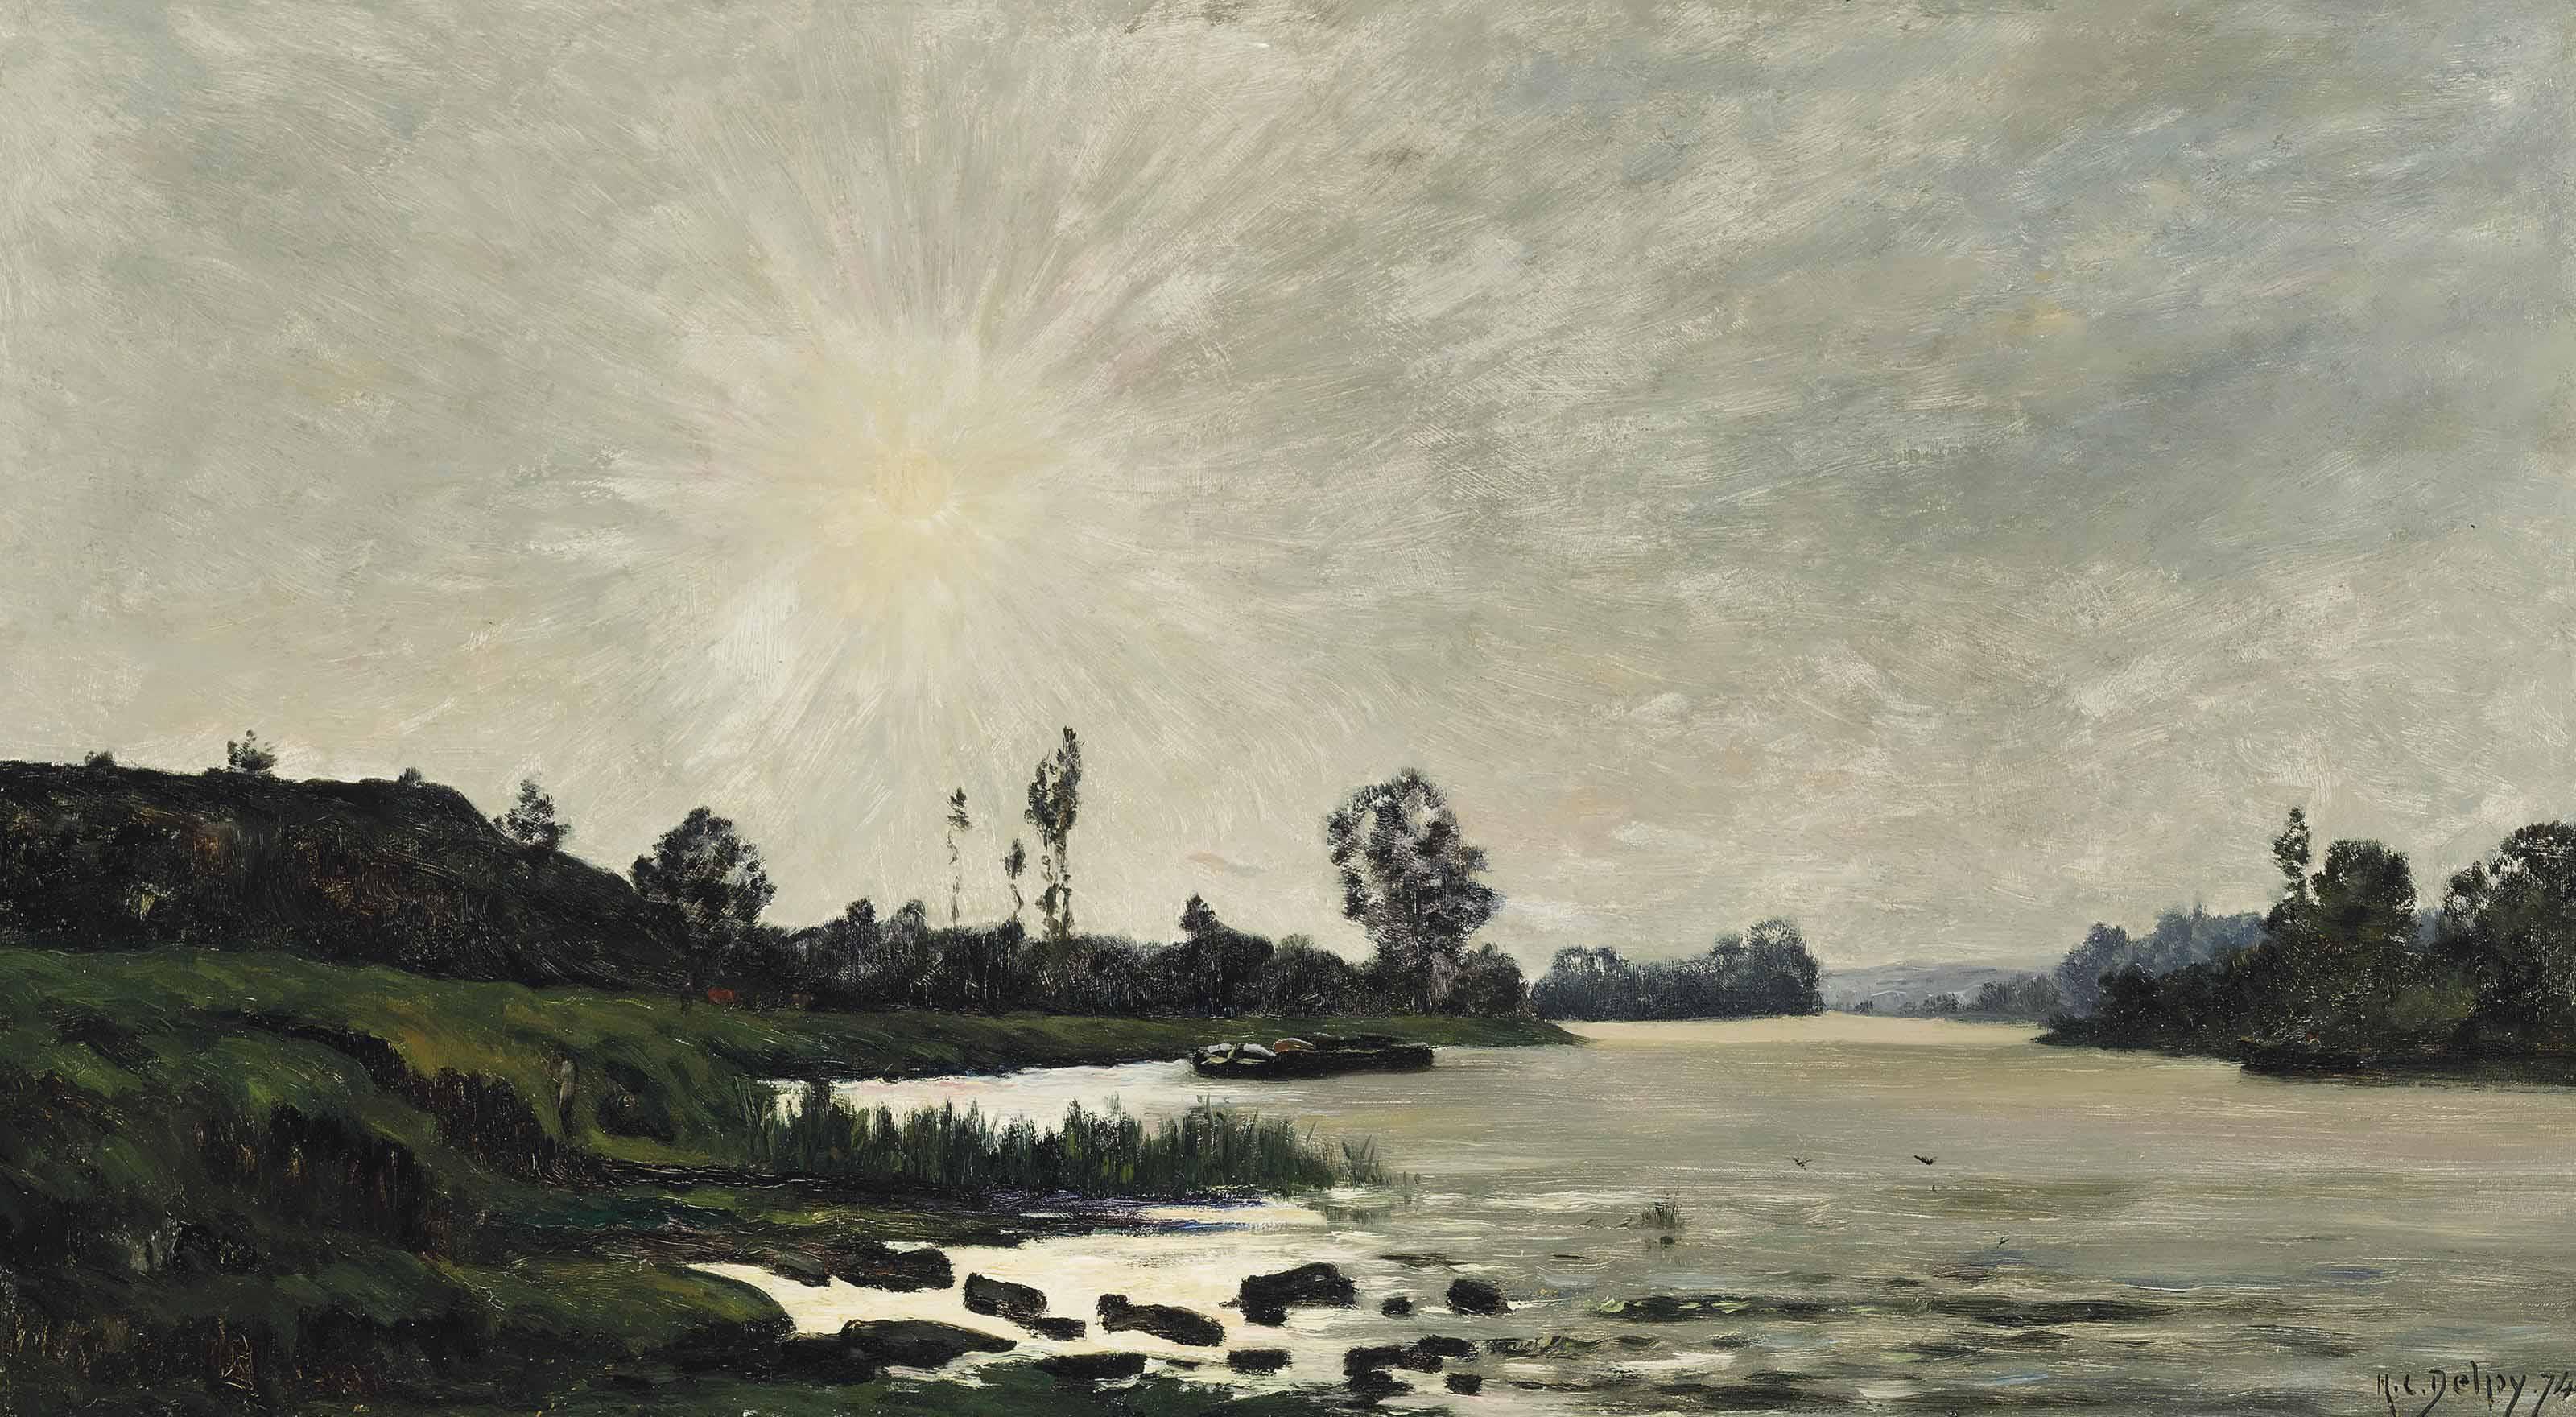 A sunlit river